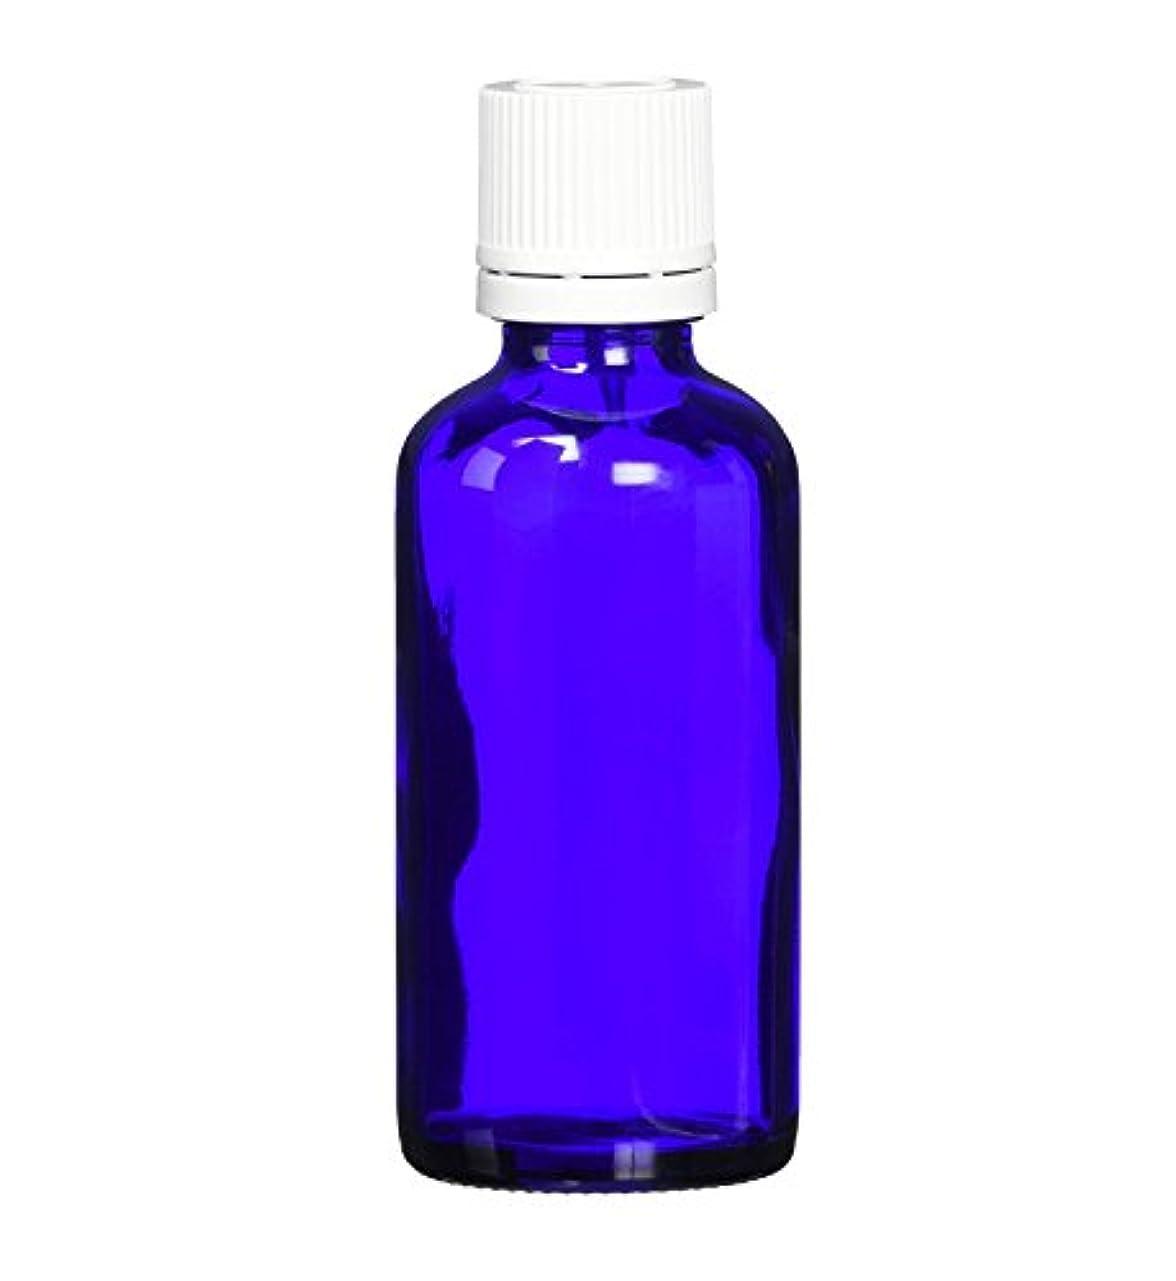 懐疑的申し立て最高ease 遮光ビン ブルー (高粘度用) 50ml ×10本 (国内メーカー)